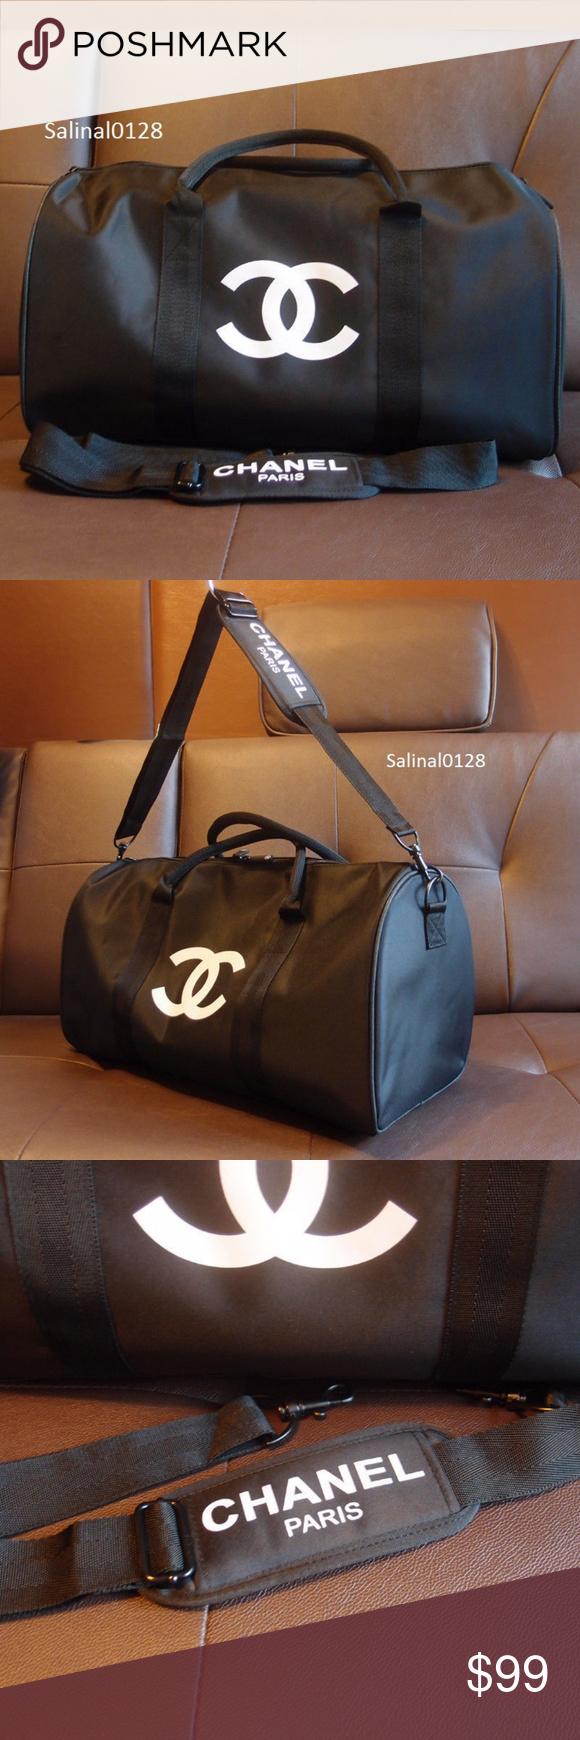 acfc233a1c1 Chanel vip gift bag travel bag gym weekend duffle Authentic Chanel vip gift  bag travel bag